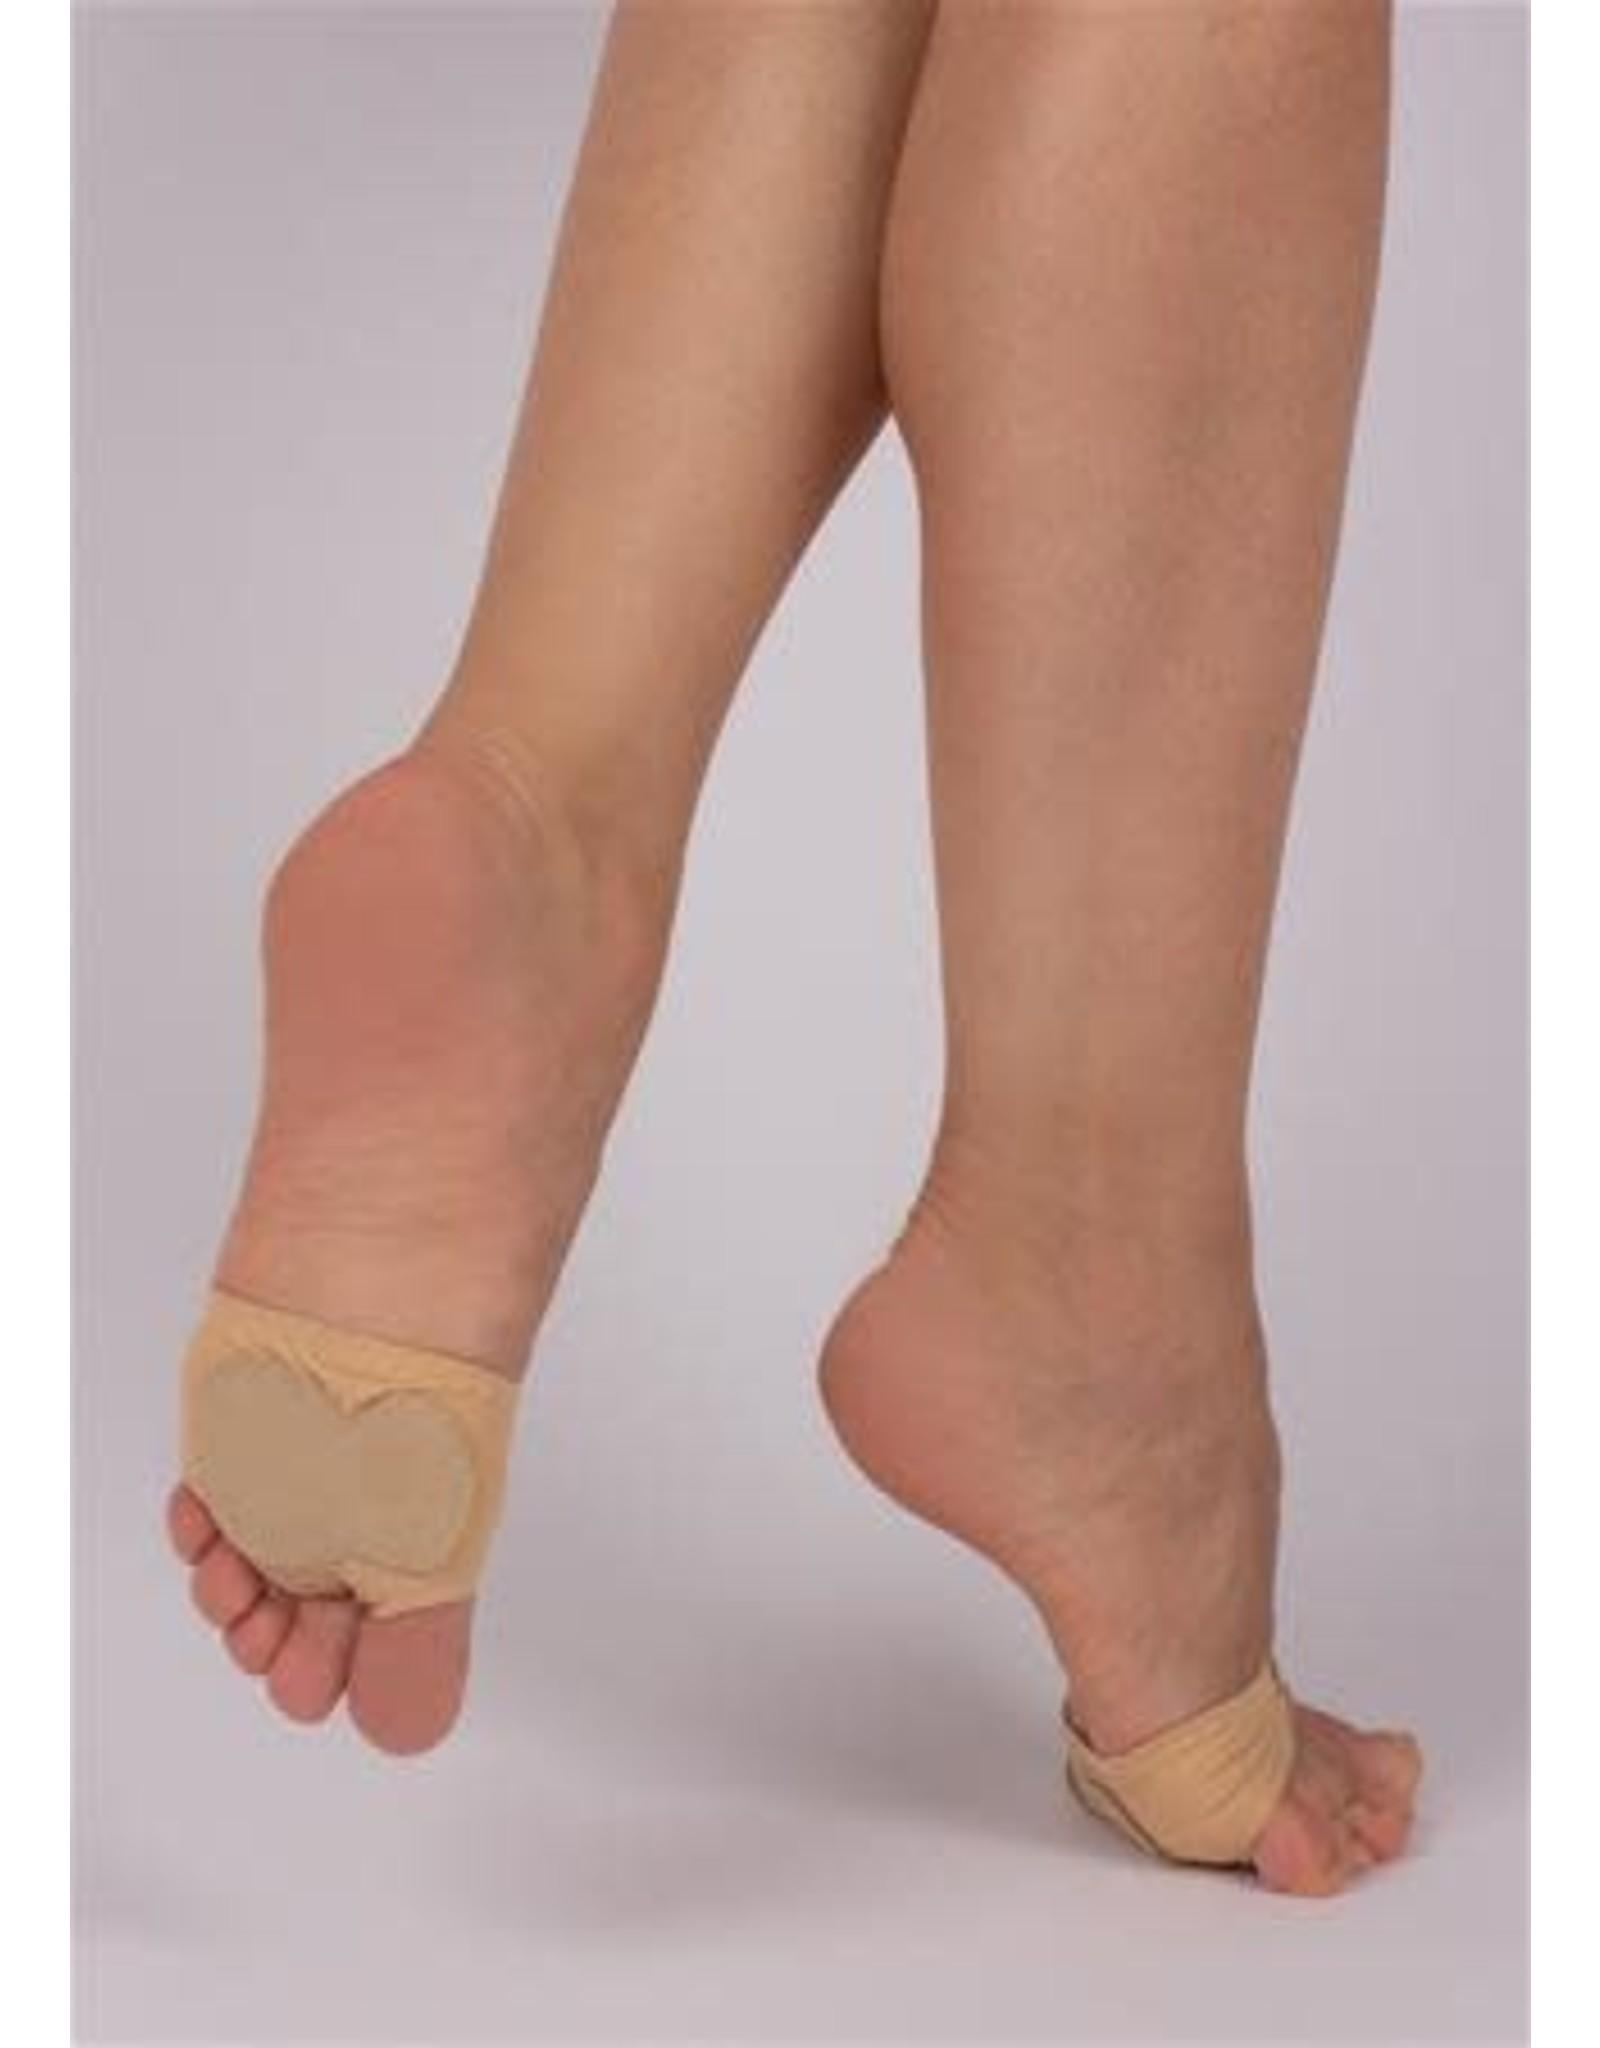 Nikolay Nikolay Foot Thongs